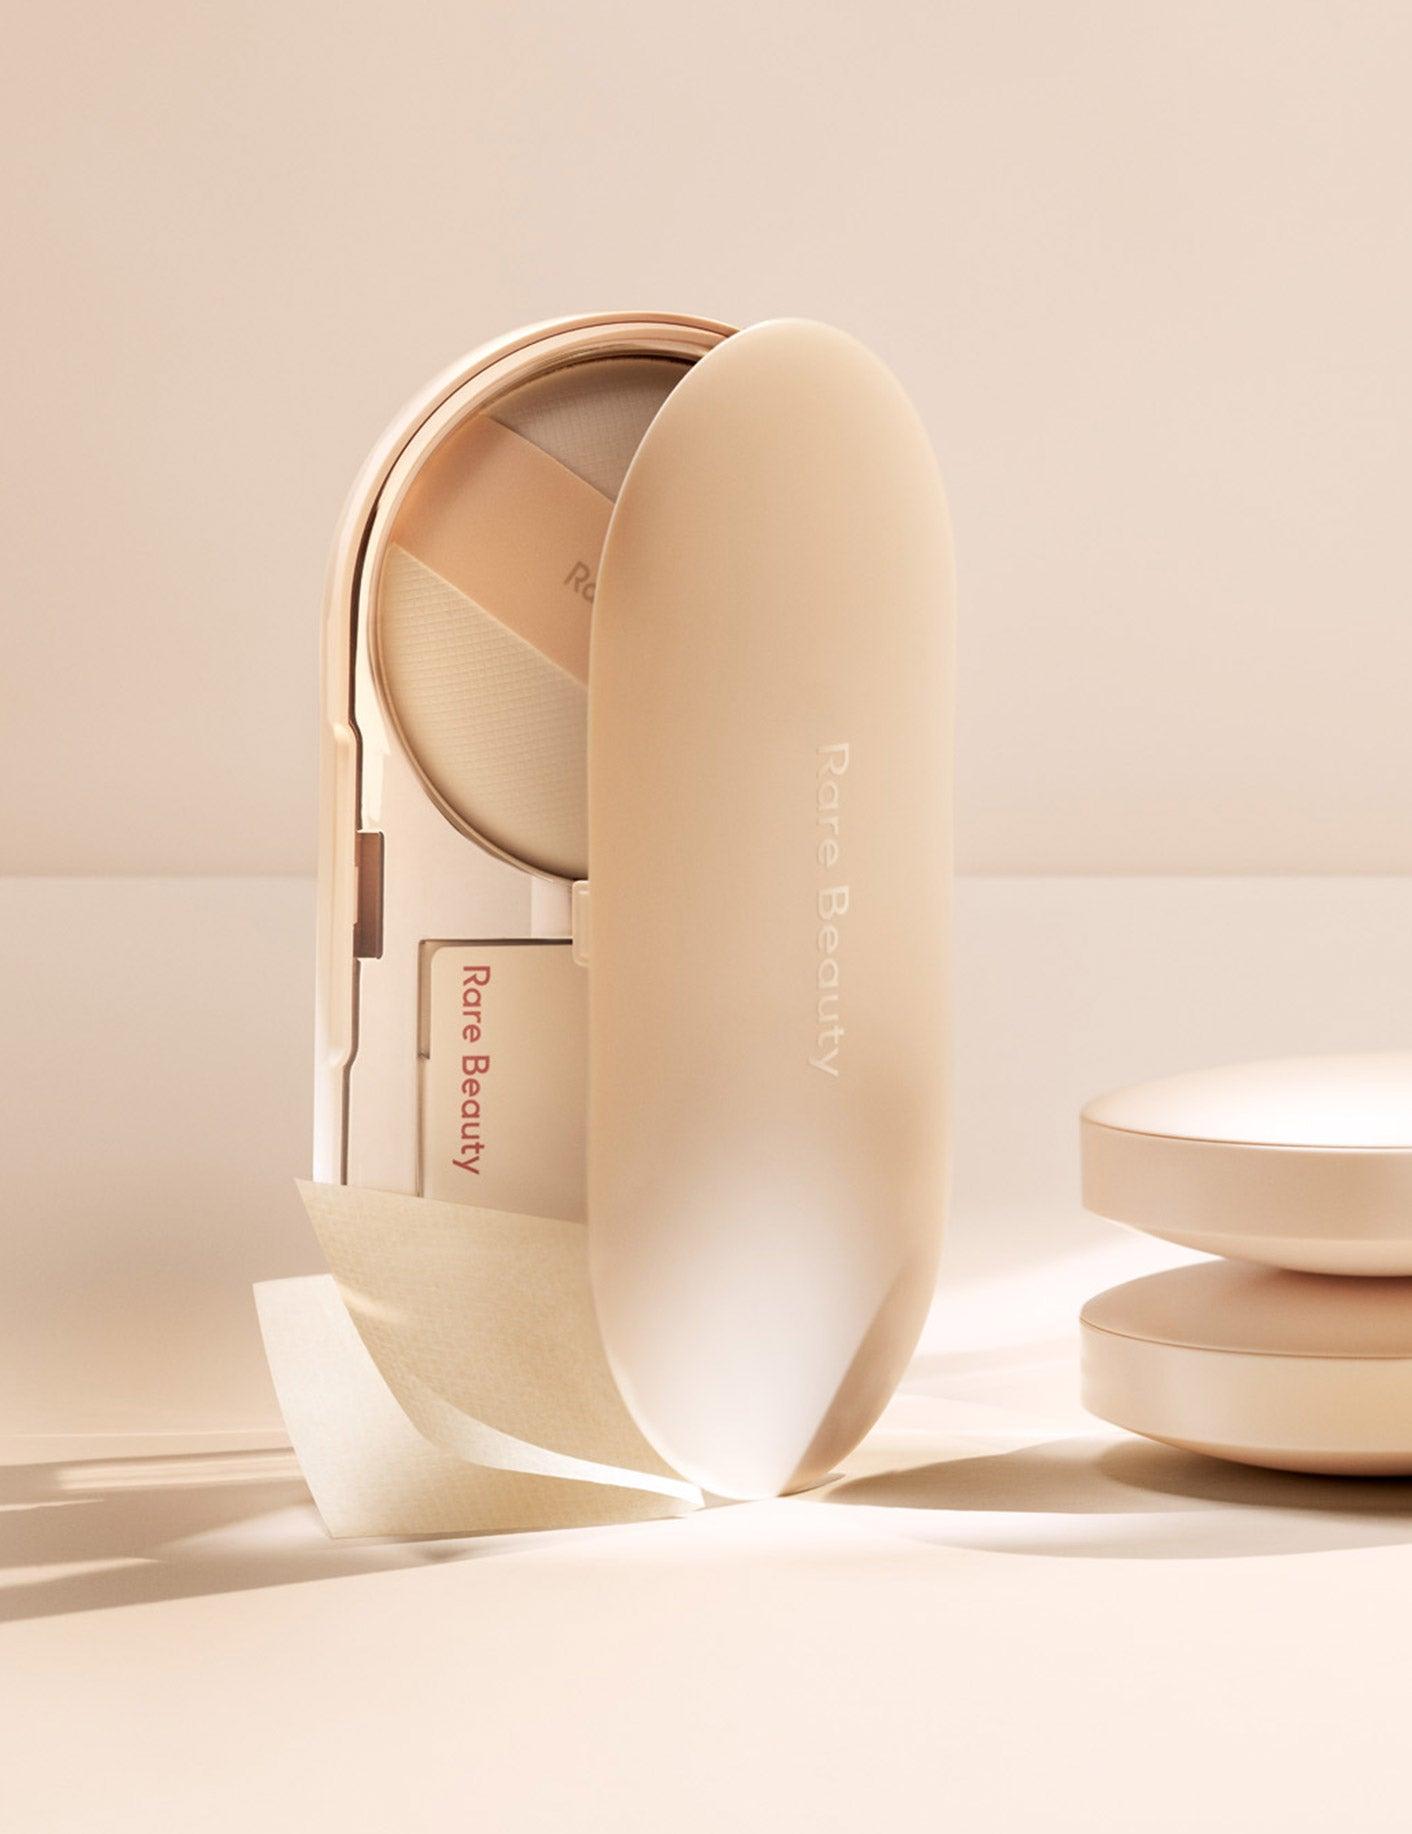 Weightless - Liquid Touch Weightless Foundation